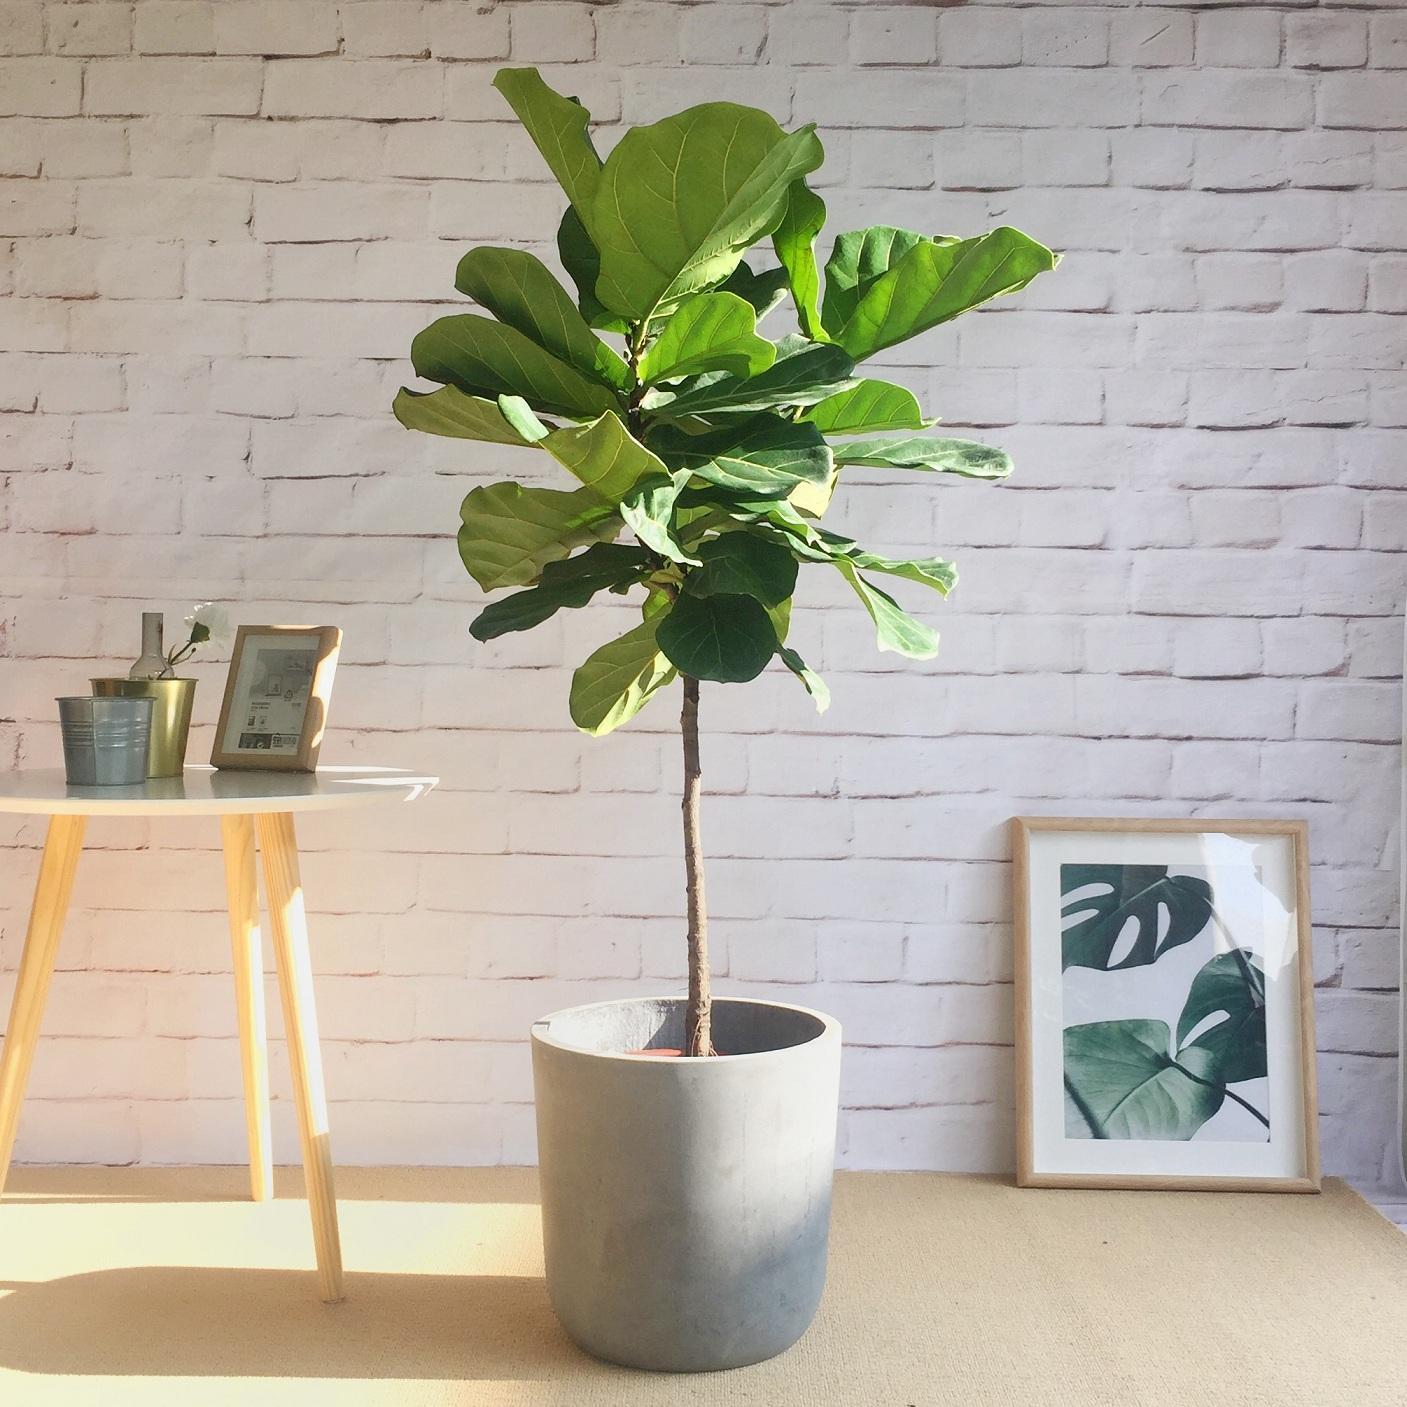 Cây bàng Singapore là loại cây được sử dụng chủ yếu bởi màu sắc đẹp của lá, khi lá phát triển sẽ cho bạn mảng xanh dễ chịu ngay trong nhà, ...